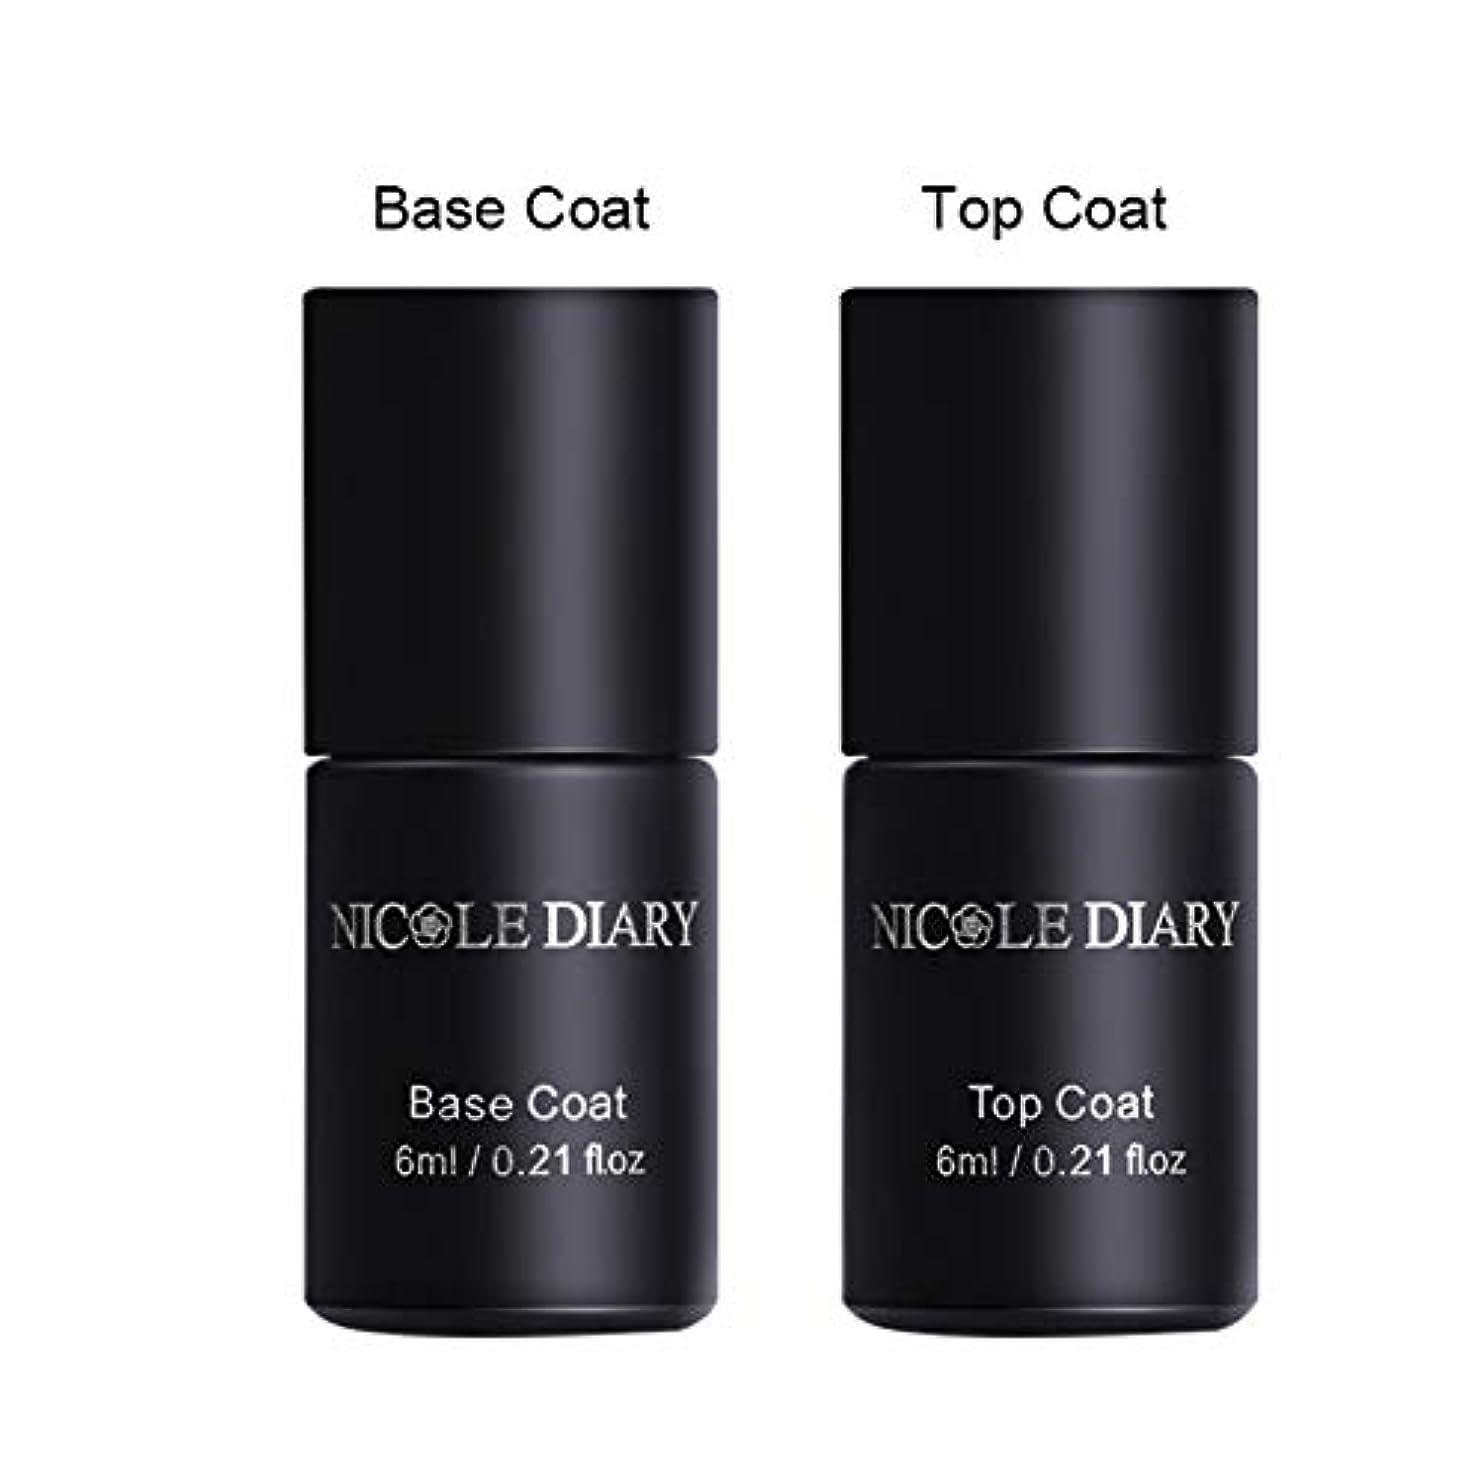 NICOLE DIARY ベース&コート2本セット 6ml/本 トップジェル 拭き取り不要 鏡面仕上がり ベースコート 高密着 地爪に強化 塗りやすい UV/LED対応 クリアジェル ジェルネイル [並行輸入品]